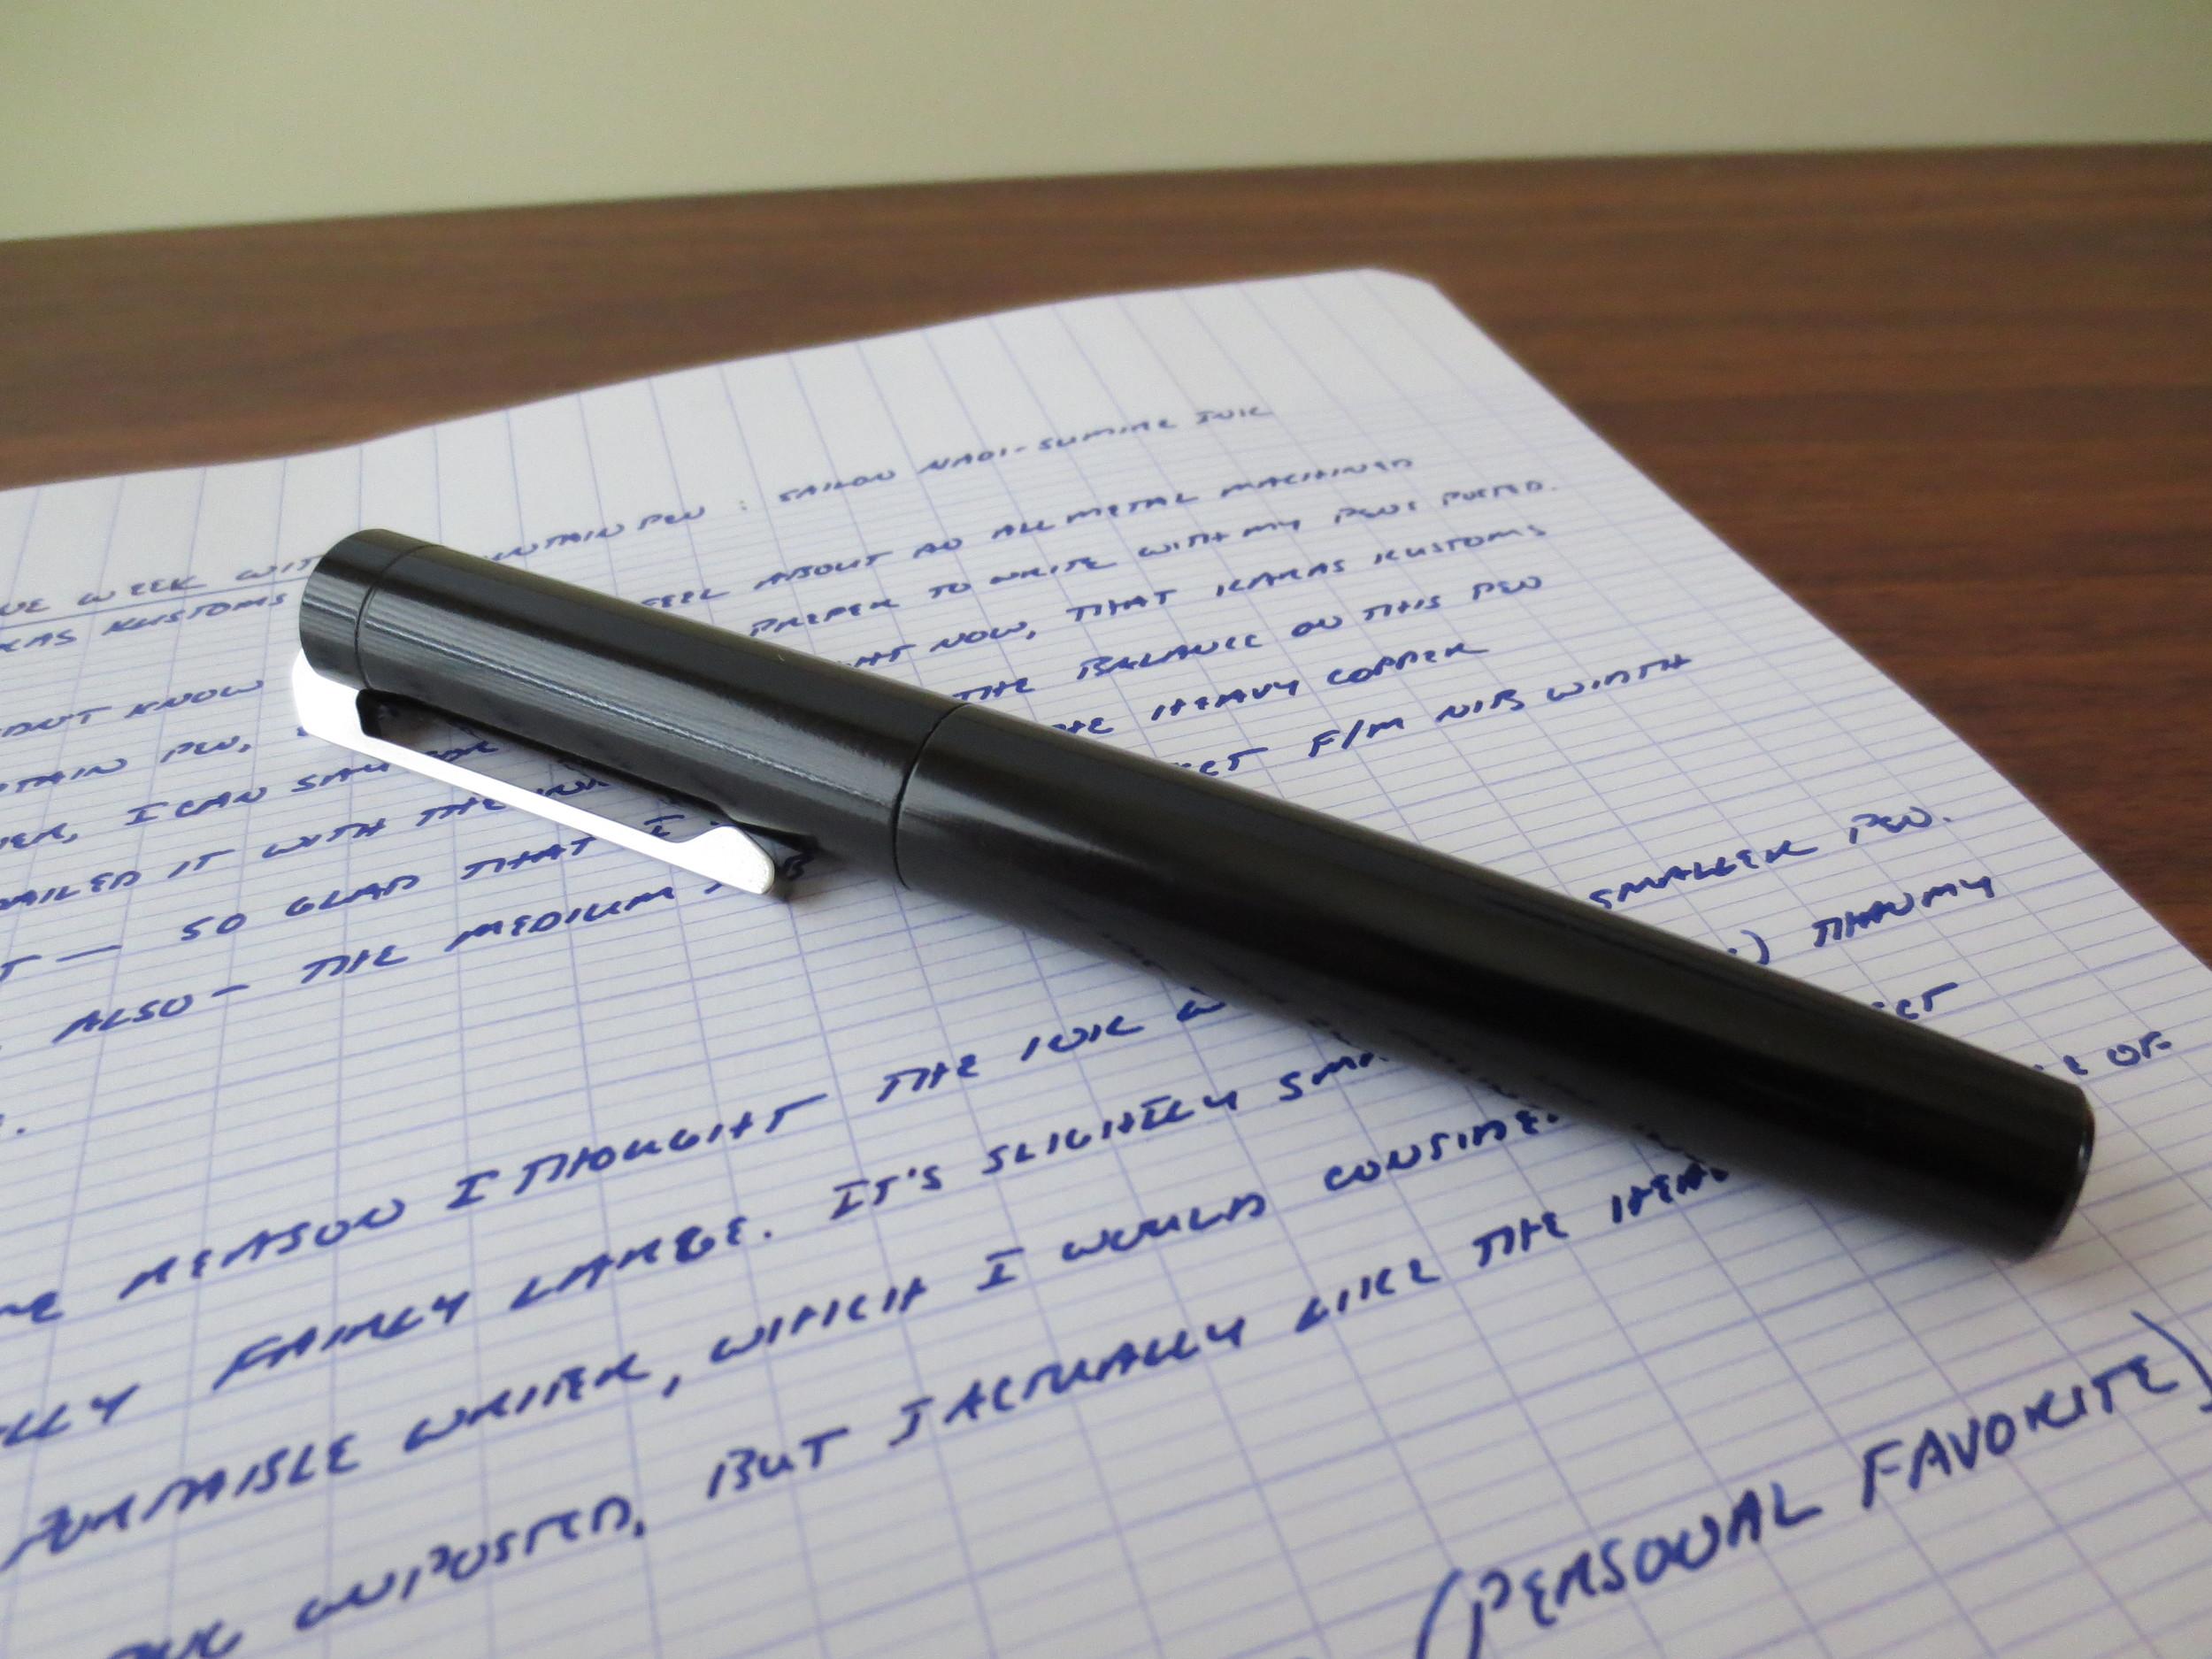 Karas Kustoms Ink Fountain Pen